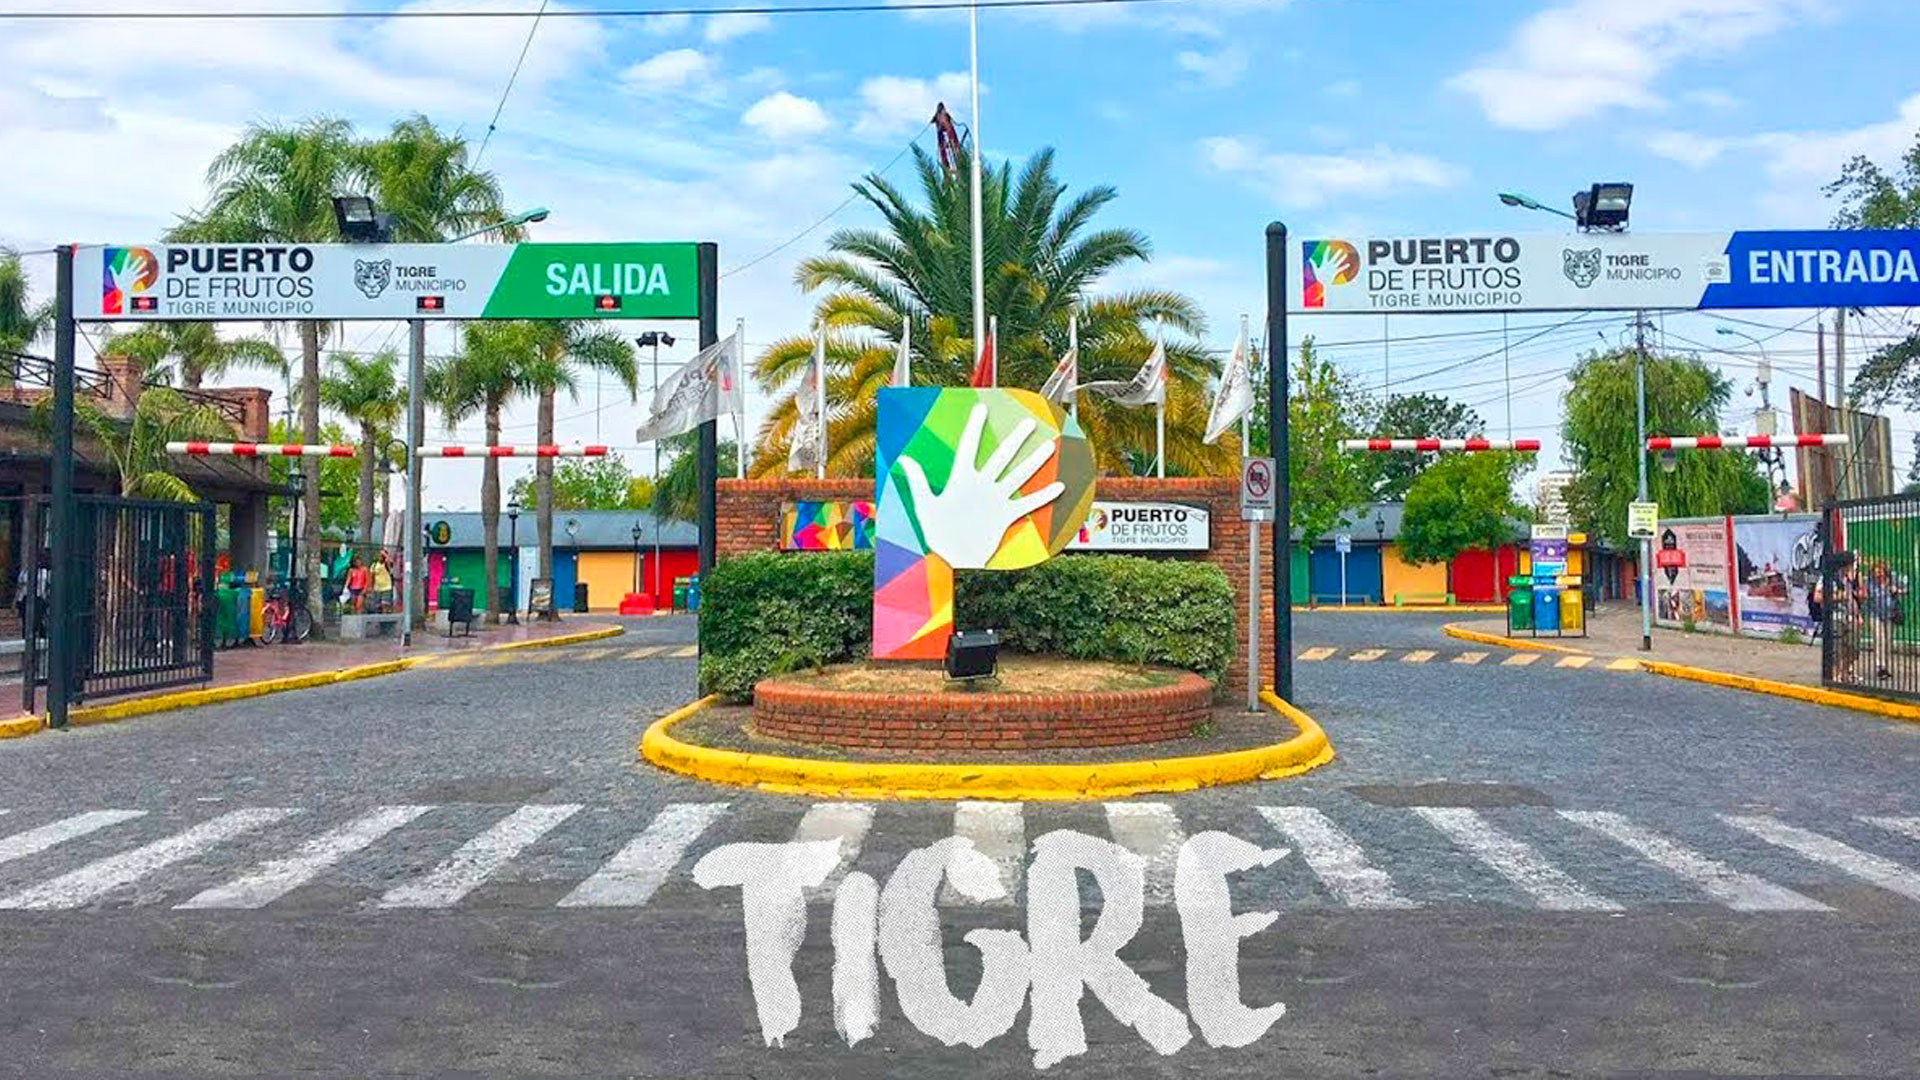 Coronavirus: Tigre cerró las plazas públicas, el Puerto de Frutos y los centros comerciales